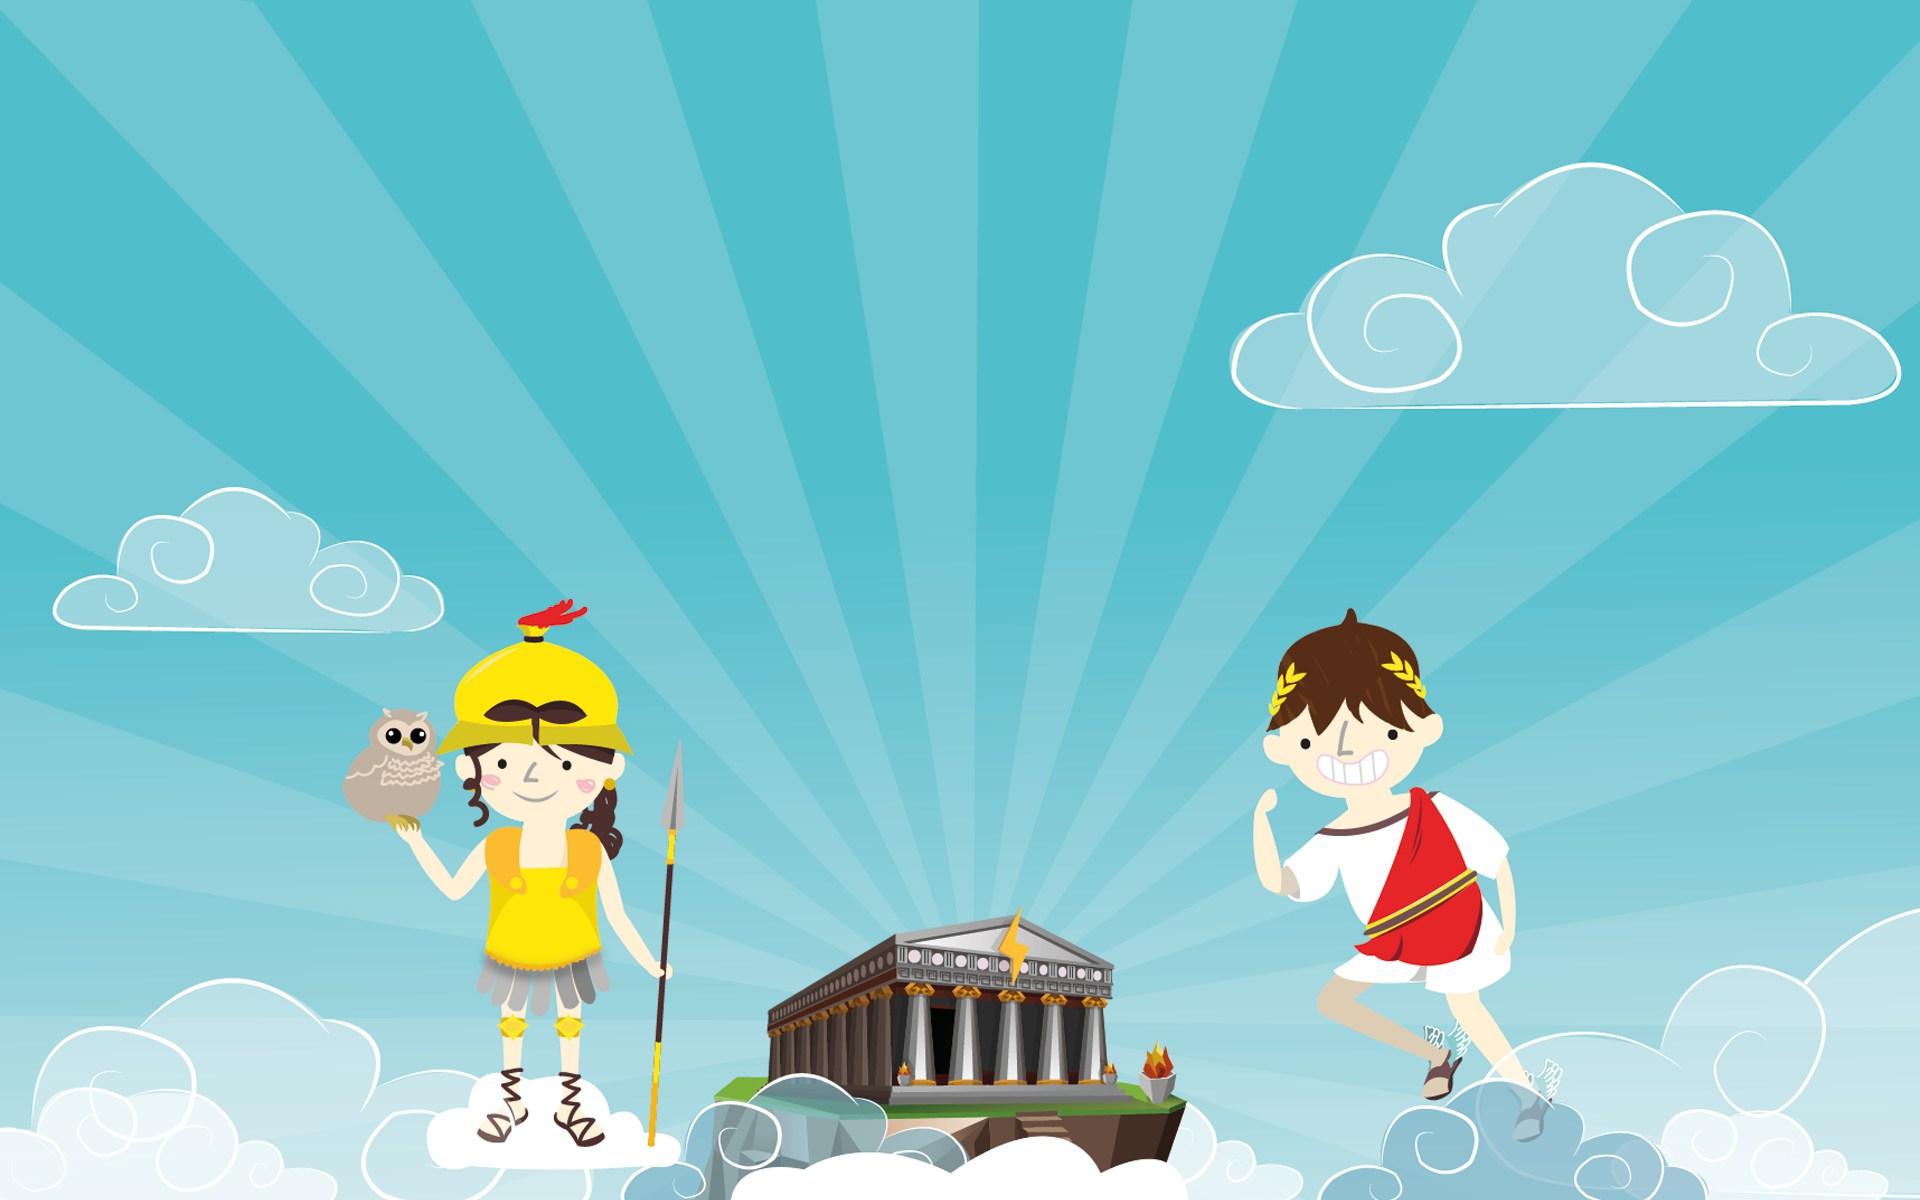 Les petits dieux vous accueillent devant l'Olympe.